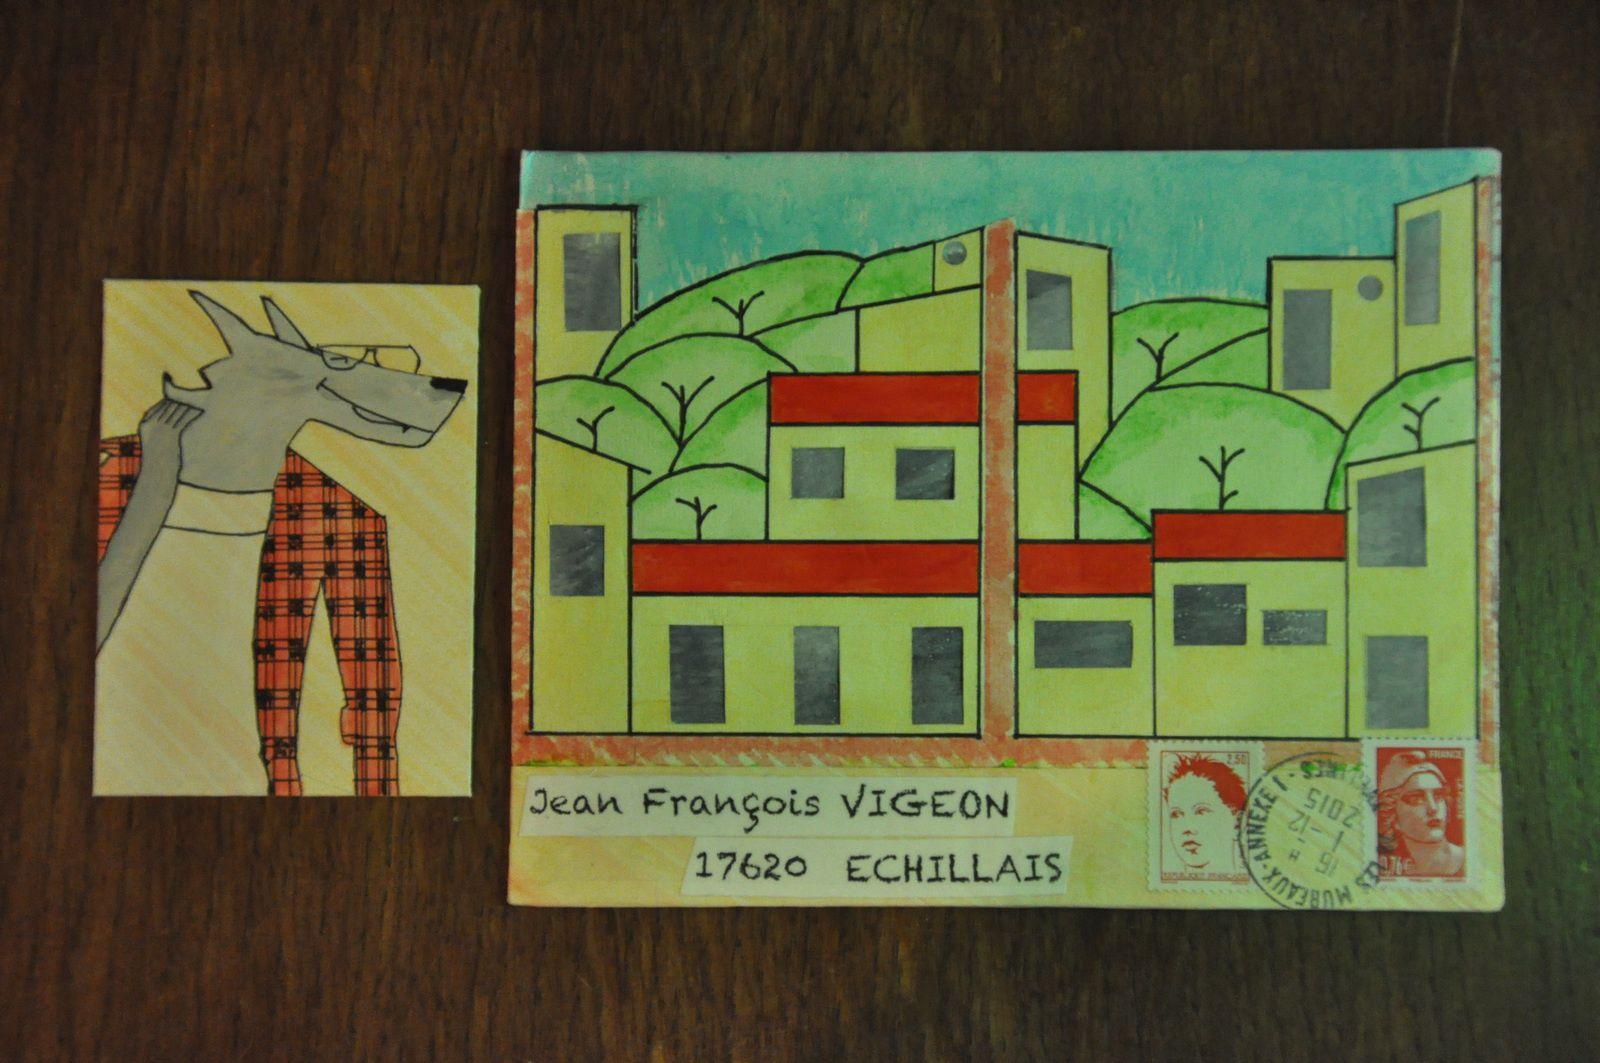 Merci également à Jean-Paul Podevin qui me gratifie d'un magnifique A.T.C (Artist Trading Card) dans son envoi!